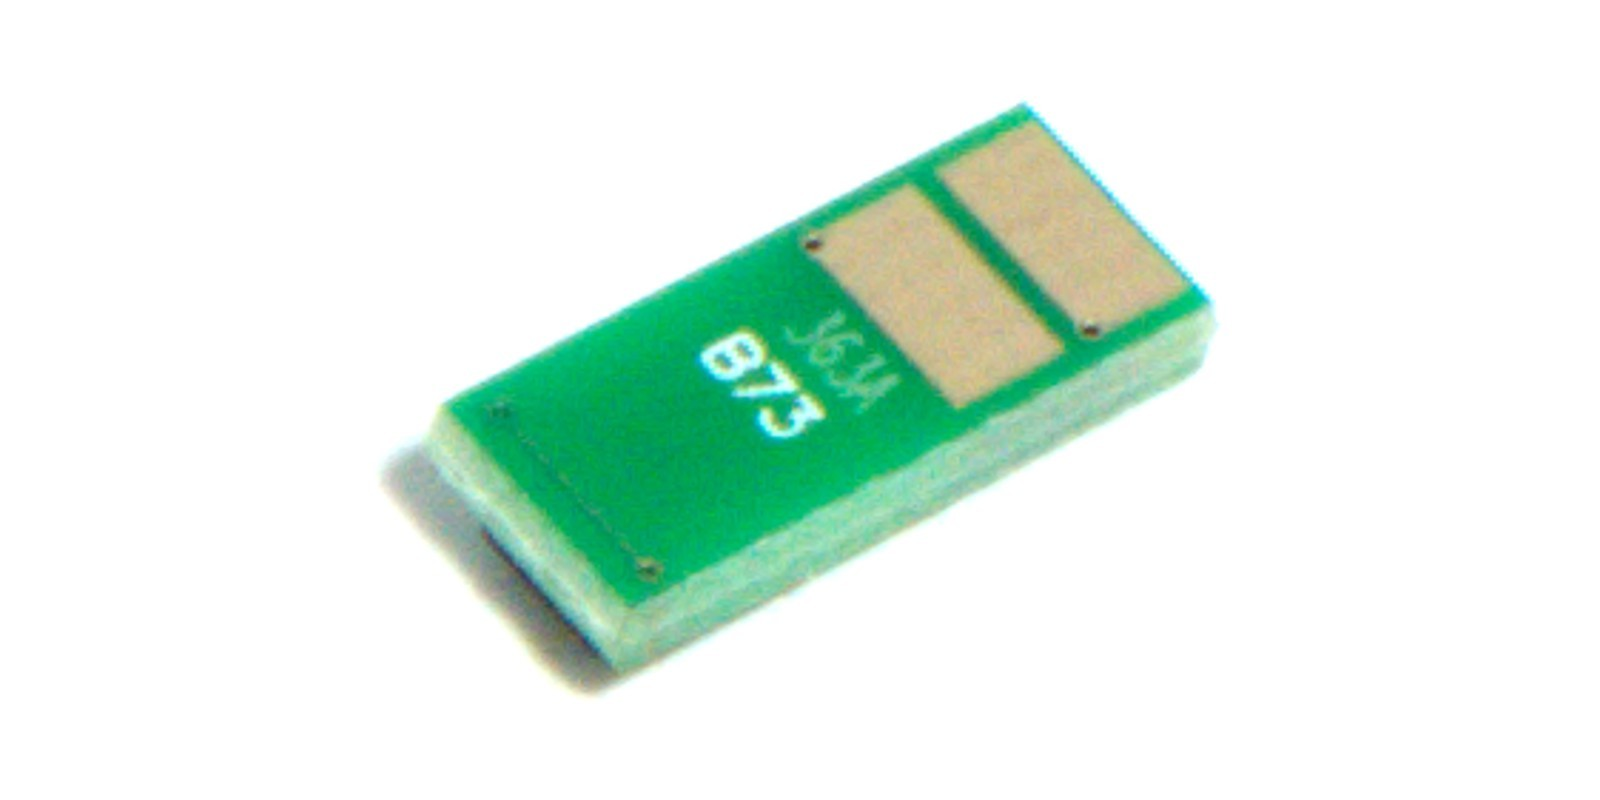 Чип (CHIP) MAK© 508A CF362A желтый (yellow), до 5000 стр. Скидка 5% при покупке полного комплекта из 4 цветов Производство APEX.